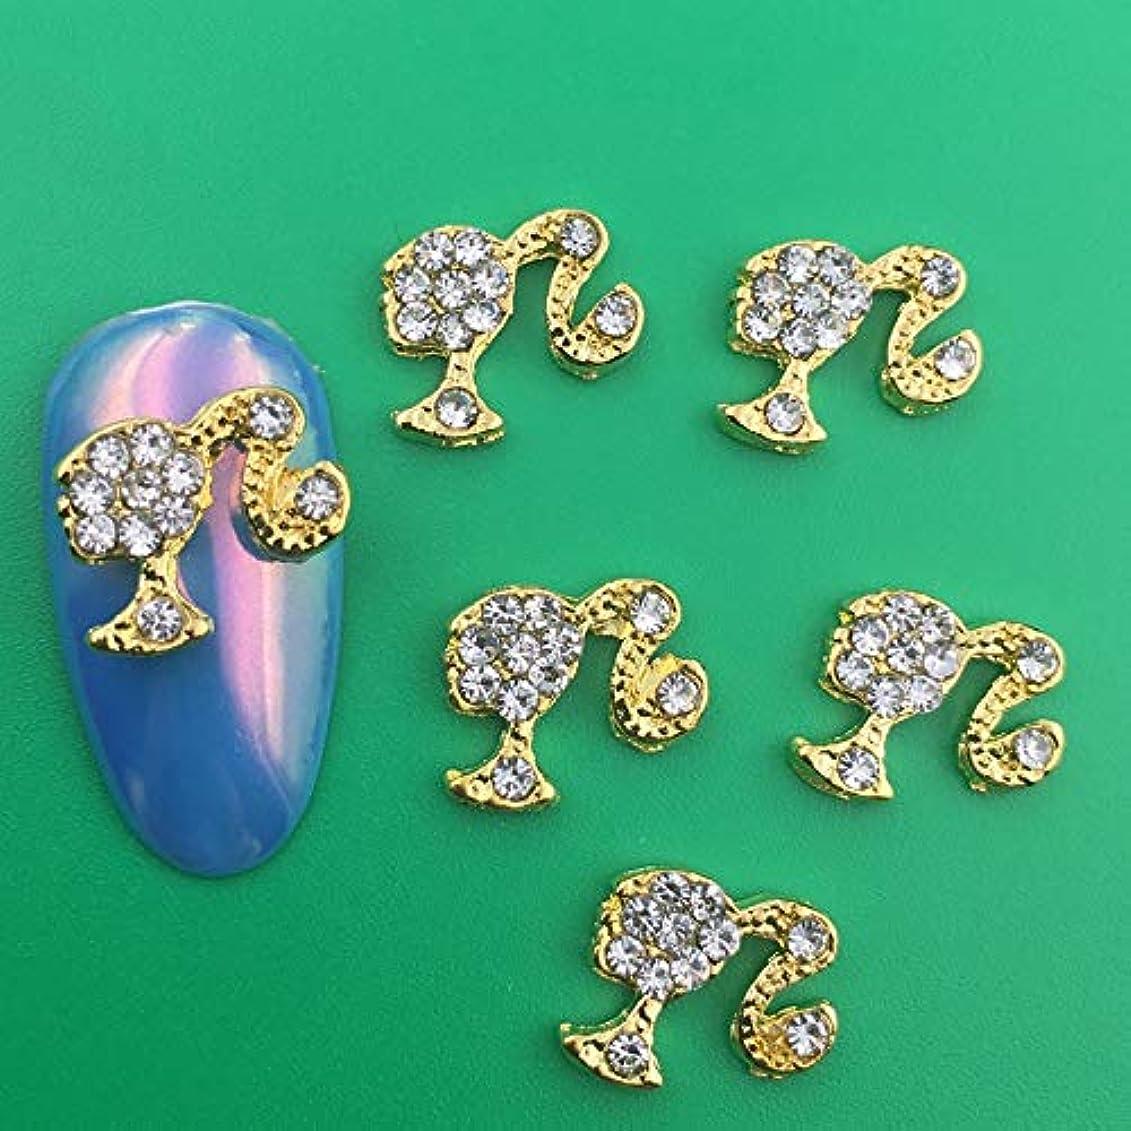 補助金信条ジャニス10 PCS /バッグクリアラインストーンの釘の芸術の装飾美しい女の子ネイルDIY宝石3D合金ネイルダイヤモンドチャームサプライ,金